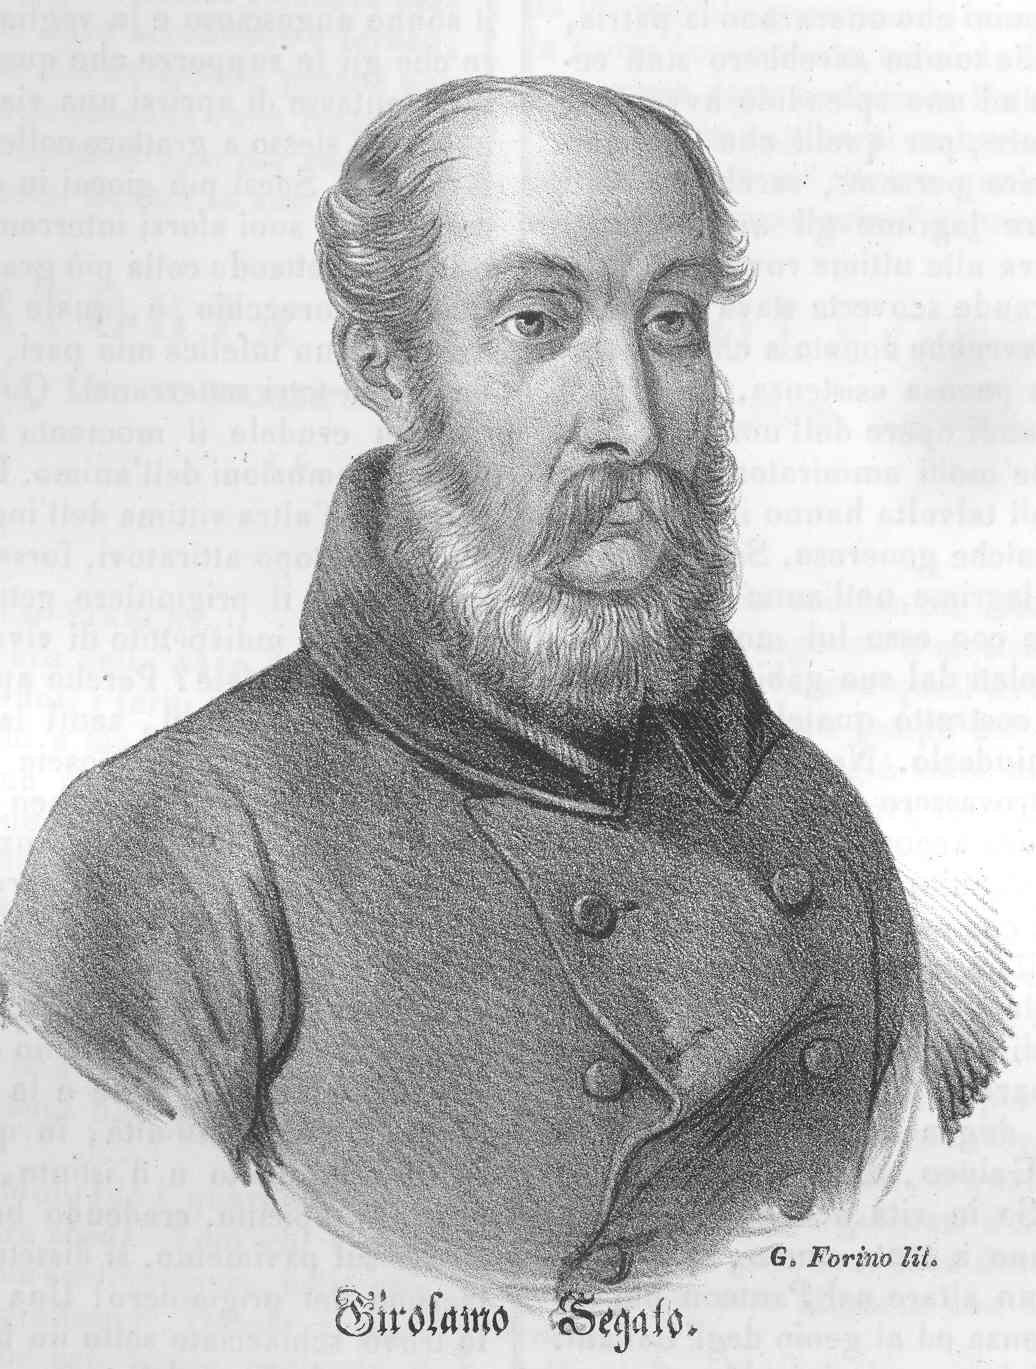 Girolamo Segato - Wikipedia